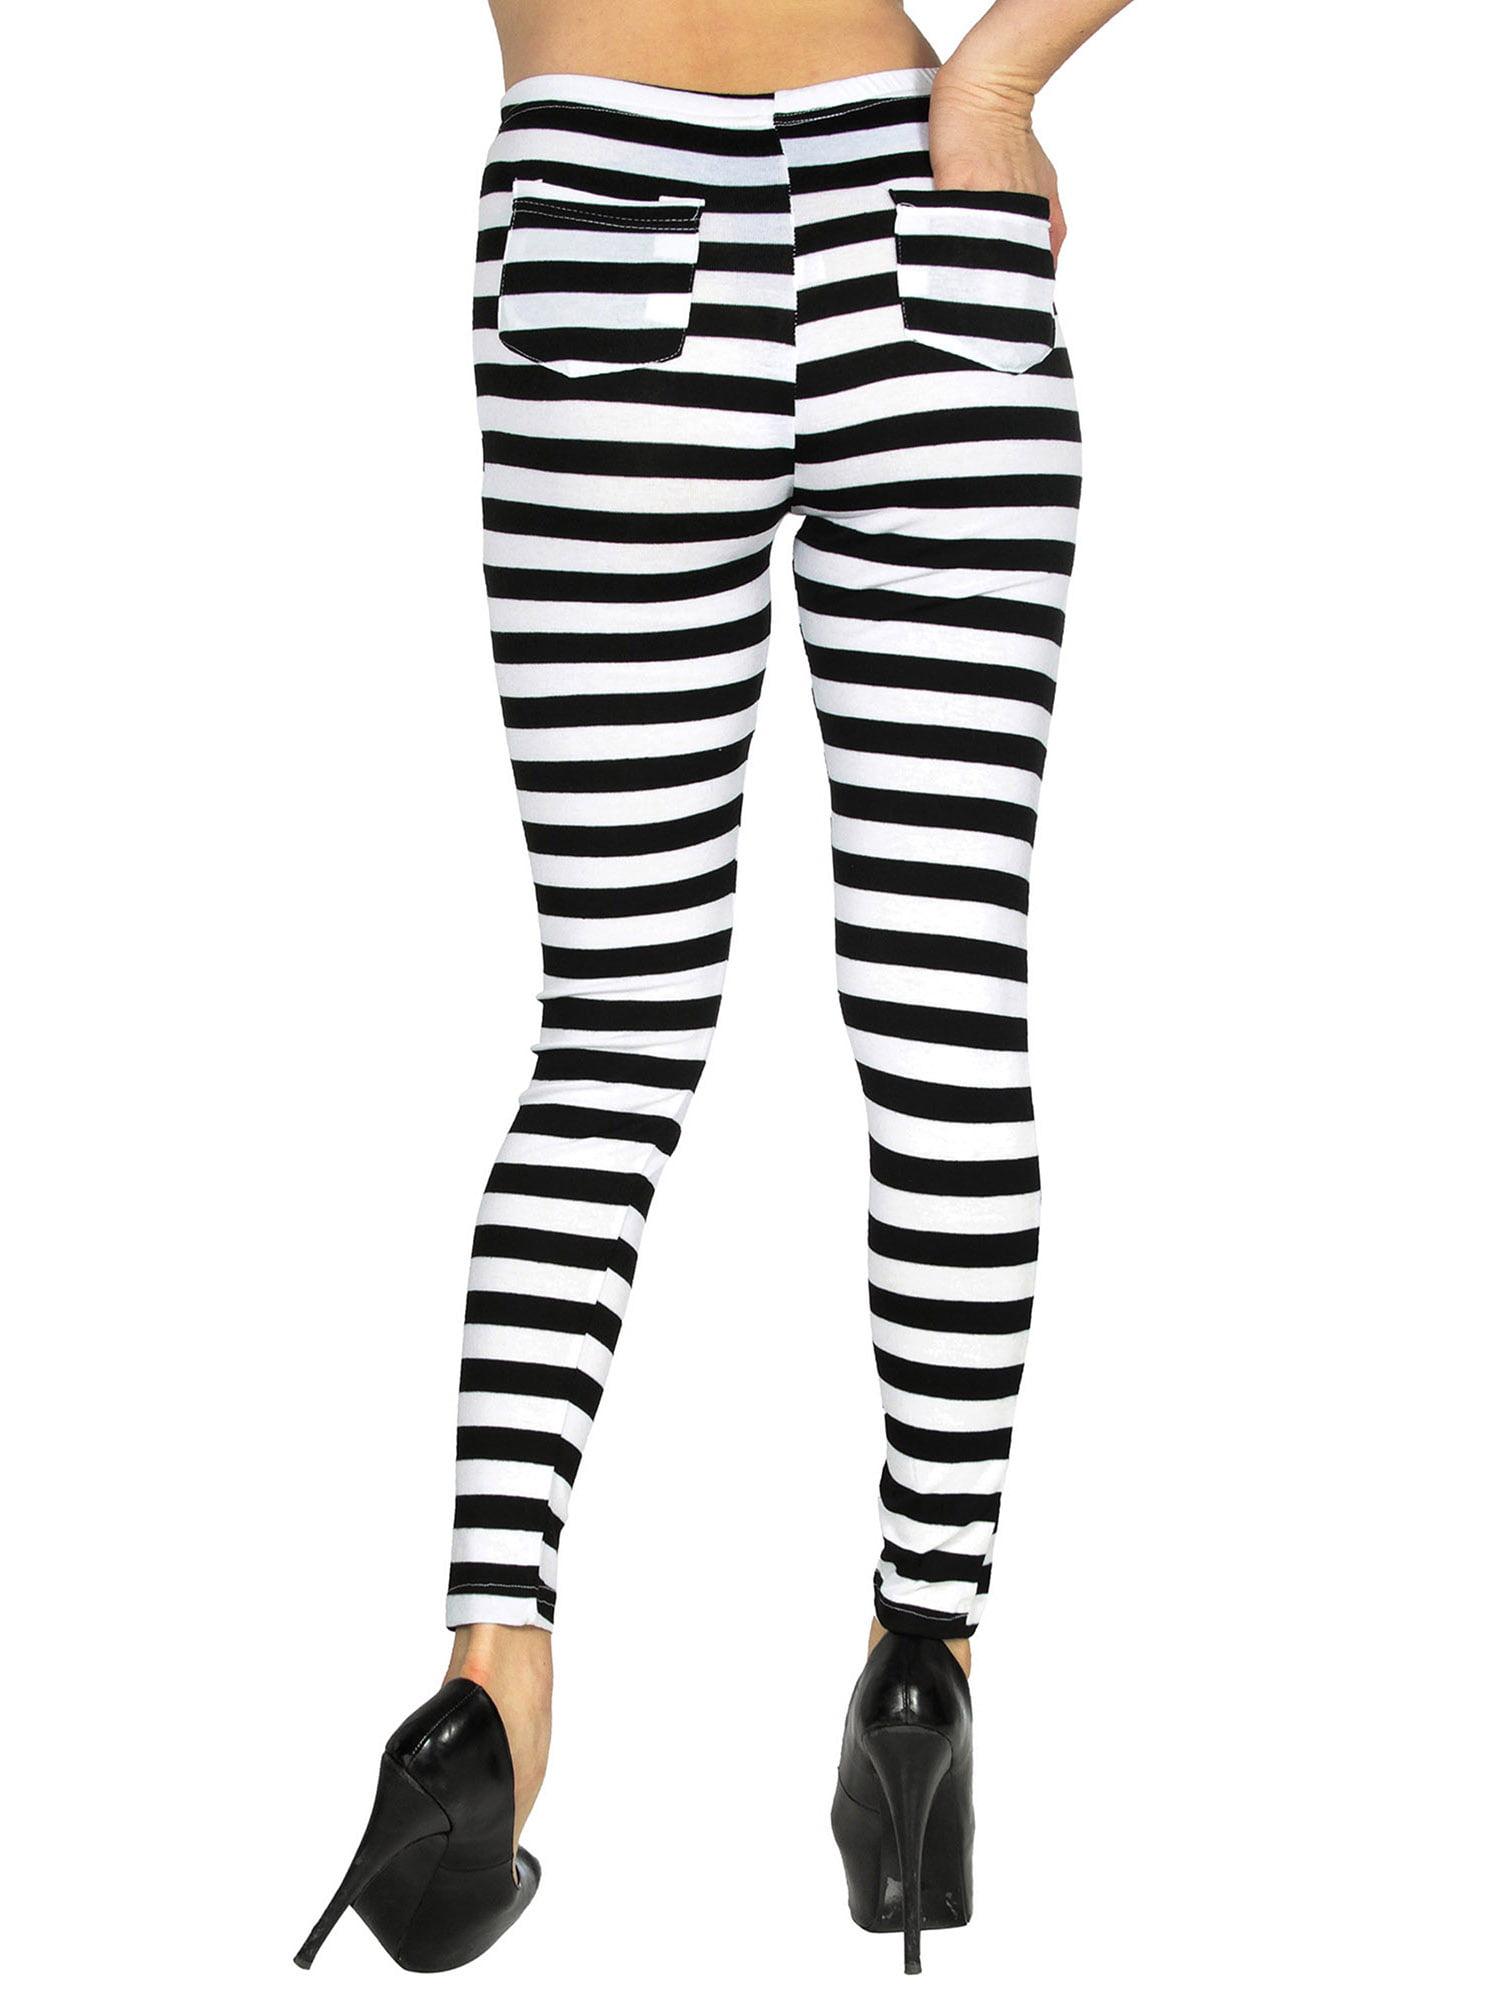 2db93b889f065 BASILICA - Women's Soft Black White Horizontal Striped Leggings w/ Back  Pockets - Walmart.com